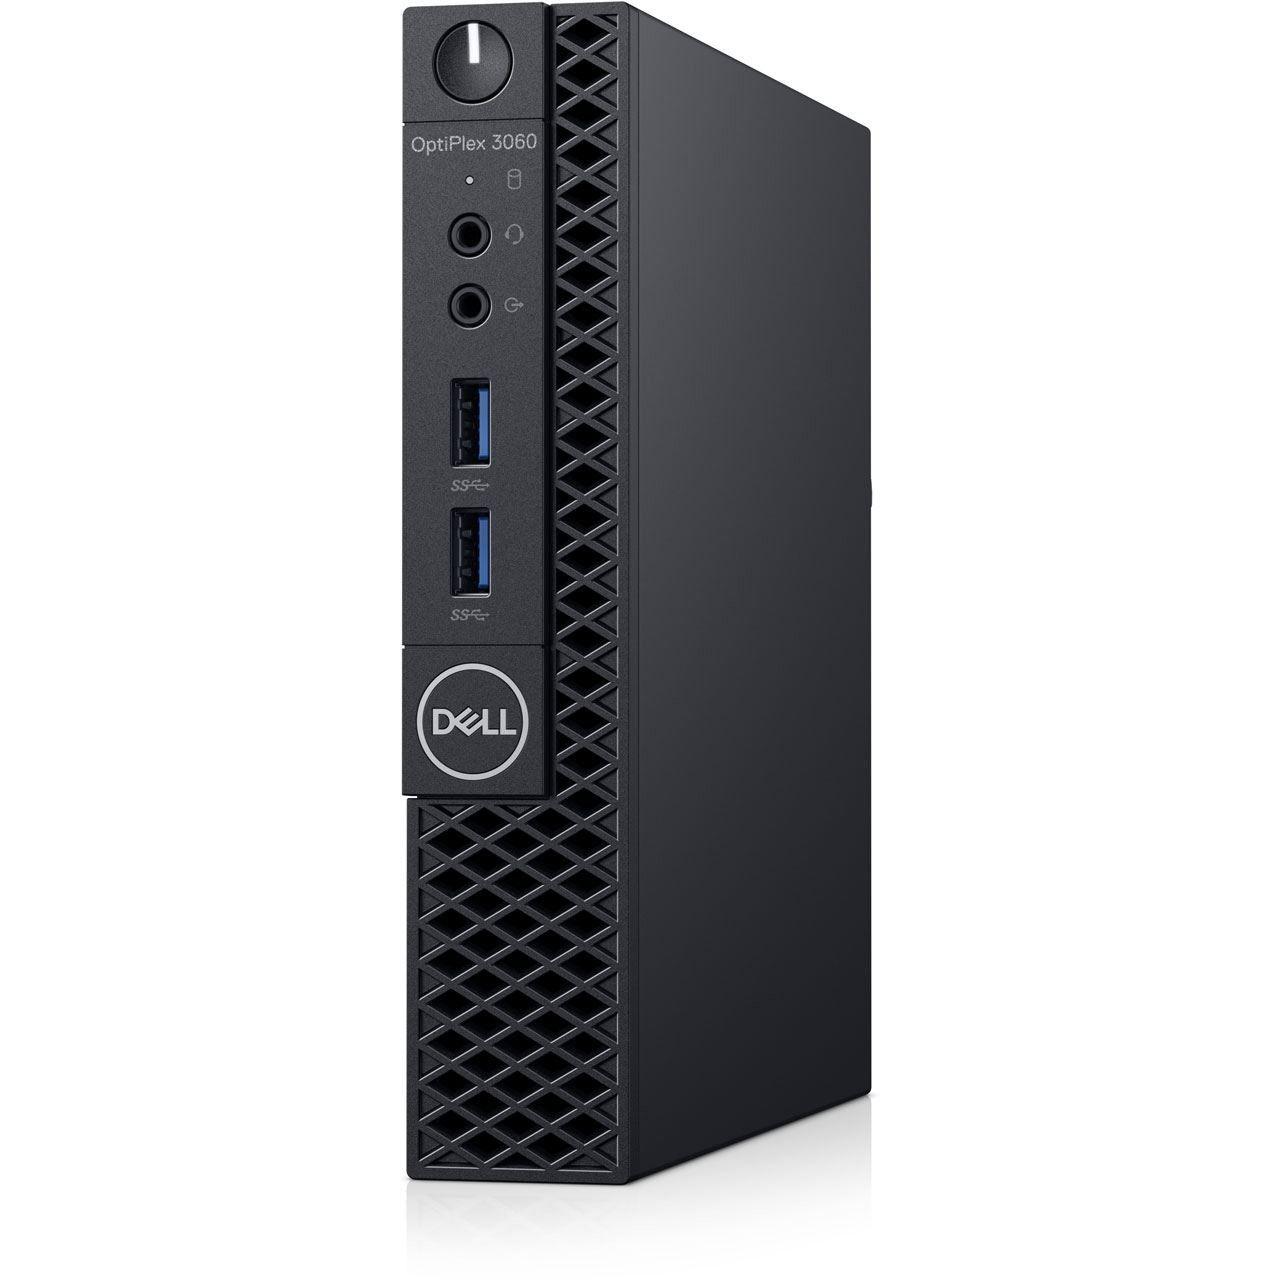 Sistem Brand Dell Optiplex 3060 Micro Intel Core i3-8100T RAM 4GB SSD 128GB Linux